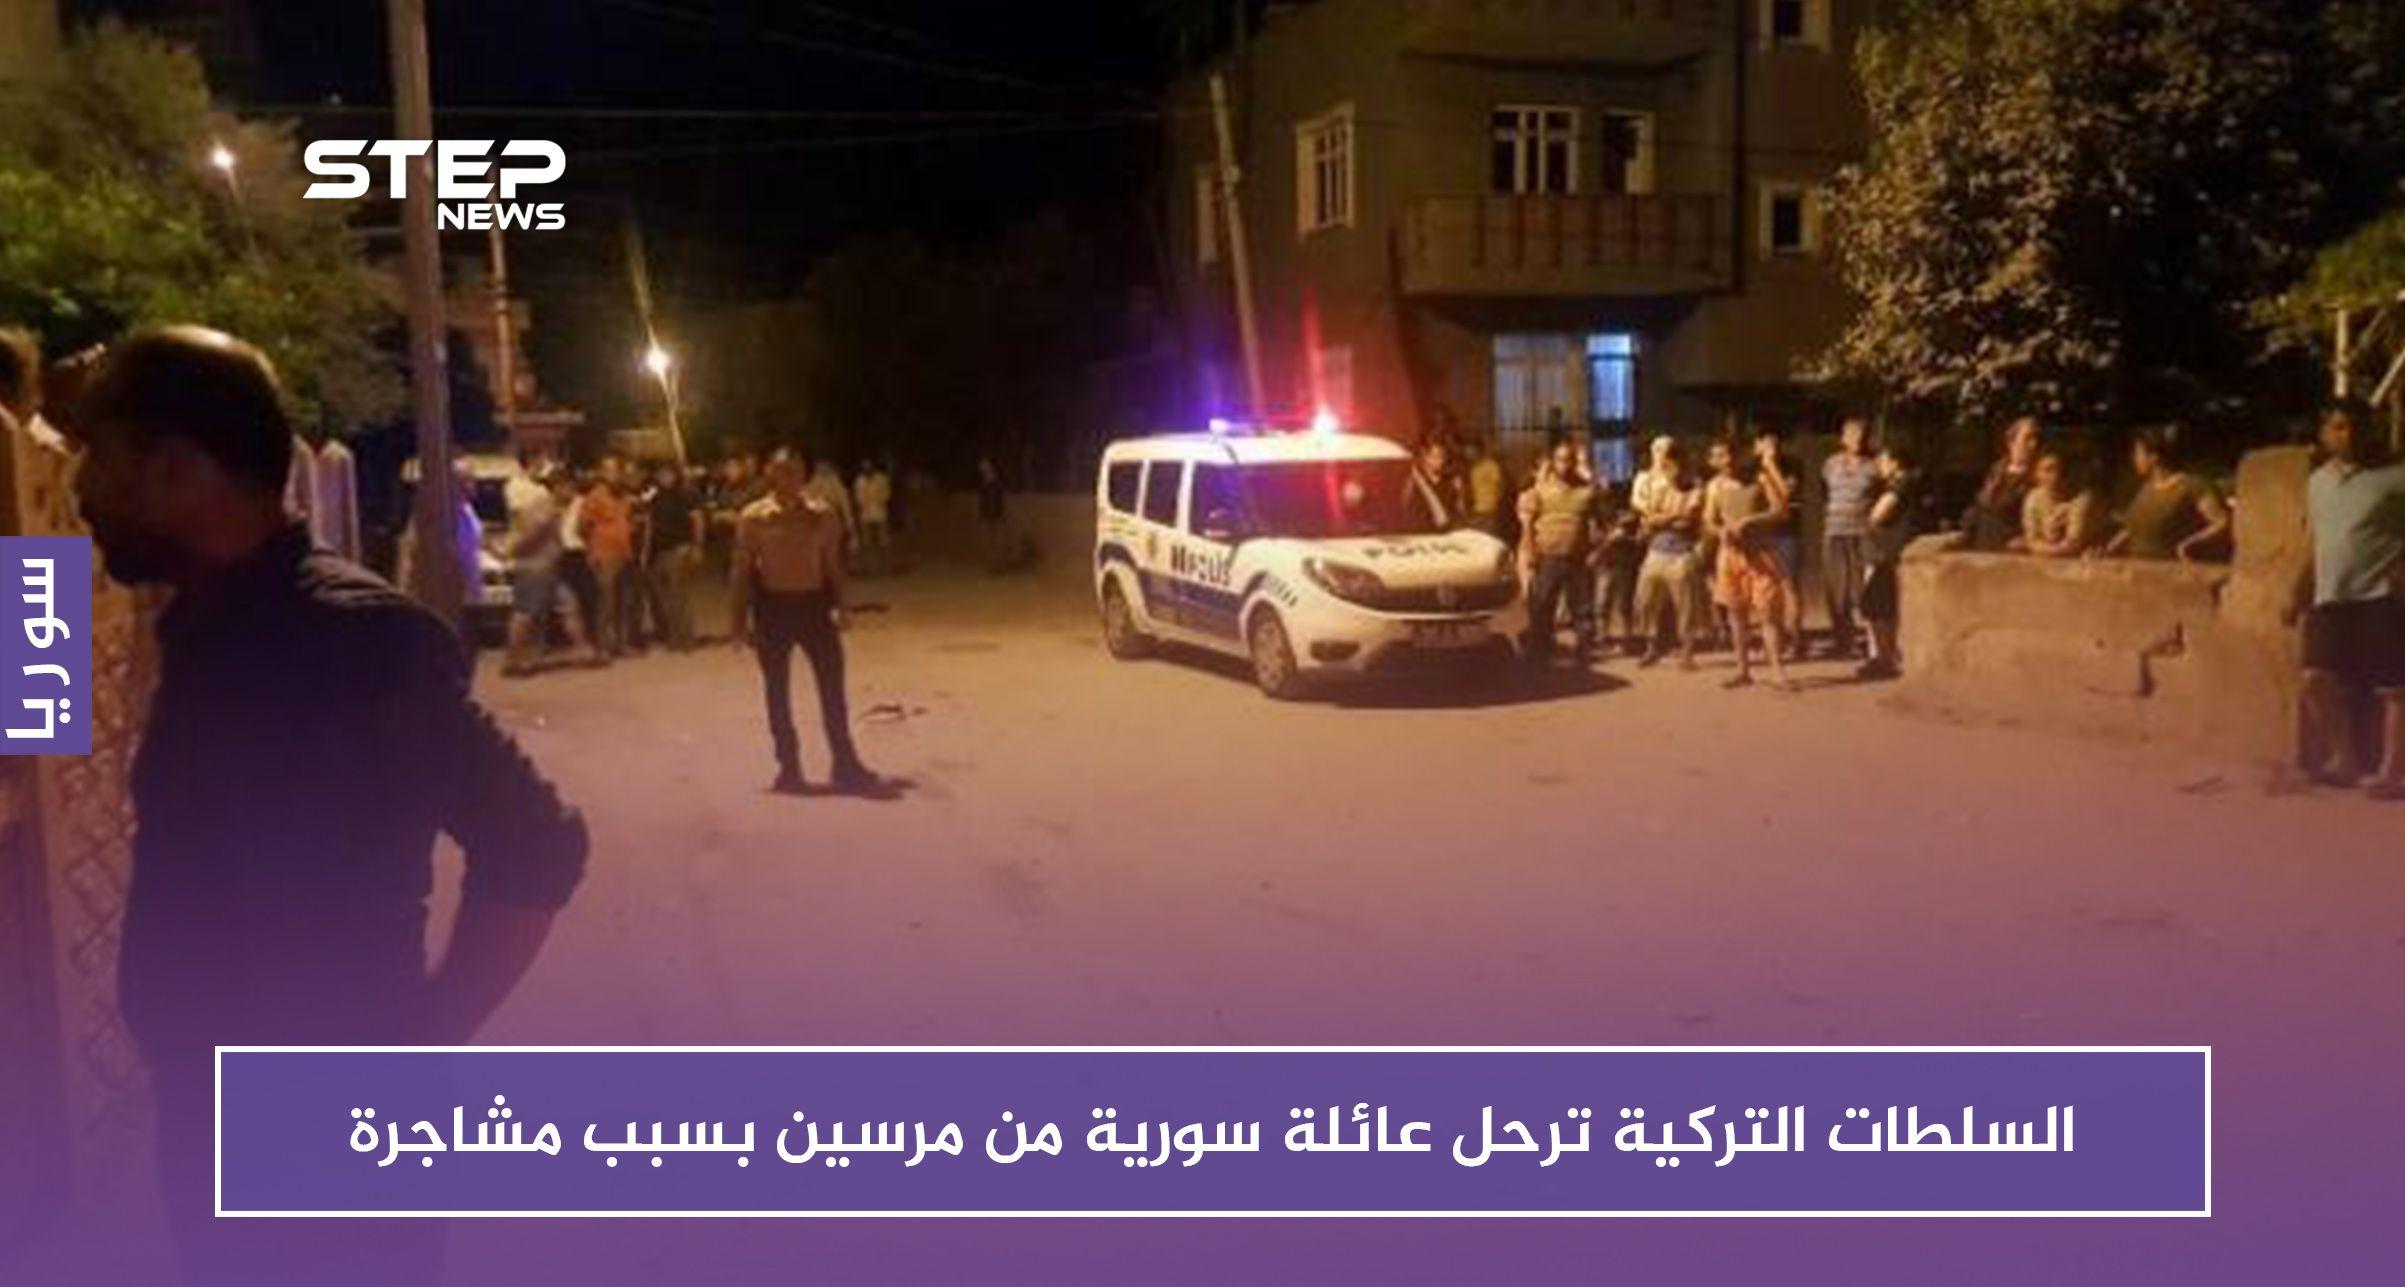 قامت السلطات الأمنية التركية اليوم بترحيل عائلة سورية مؤلفة من عشرة أشخاص من أحد أحياء ولاية مرسين التركية في جنوبي البلا Selina Kyle Ashley Johnson Karen Page